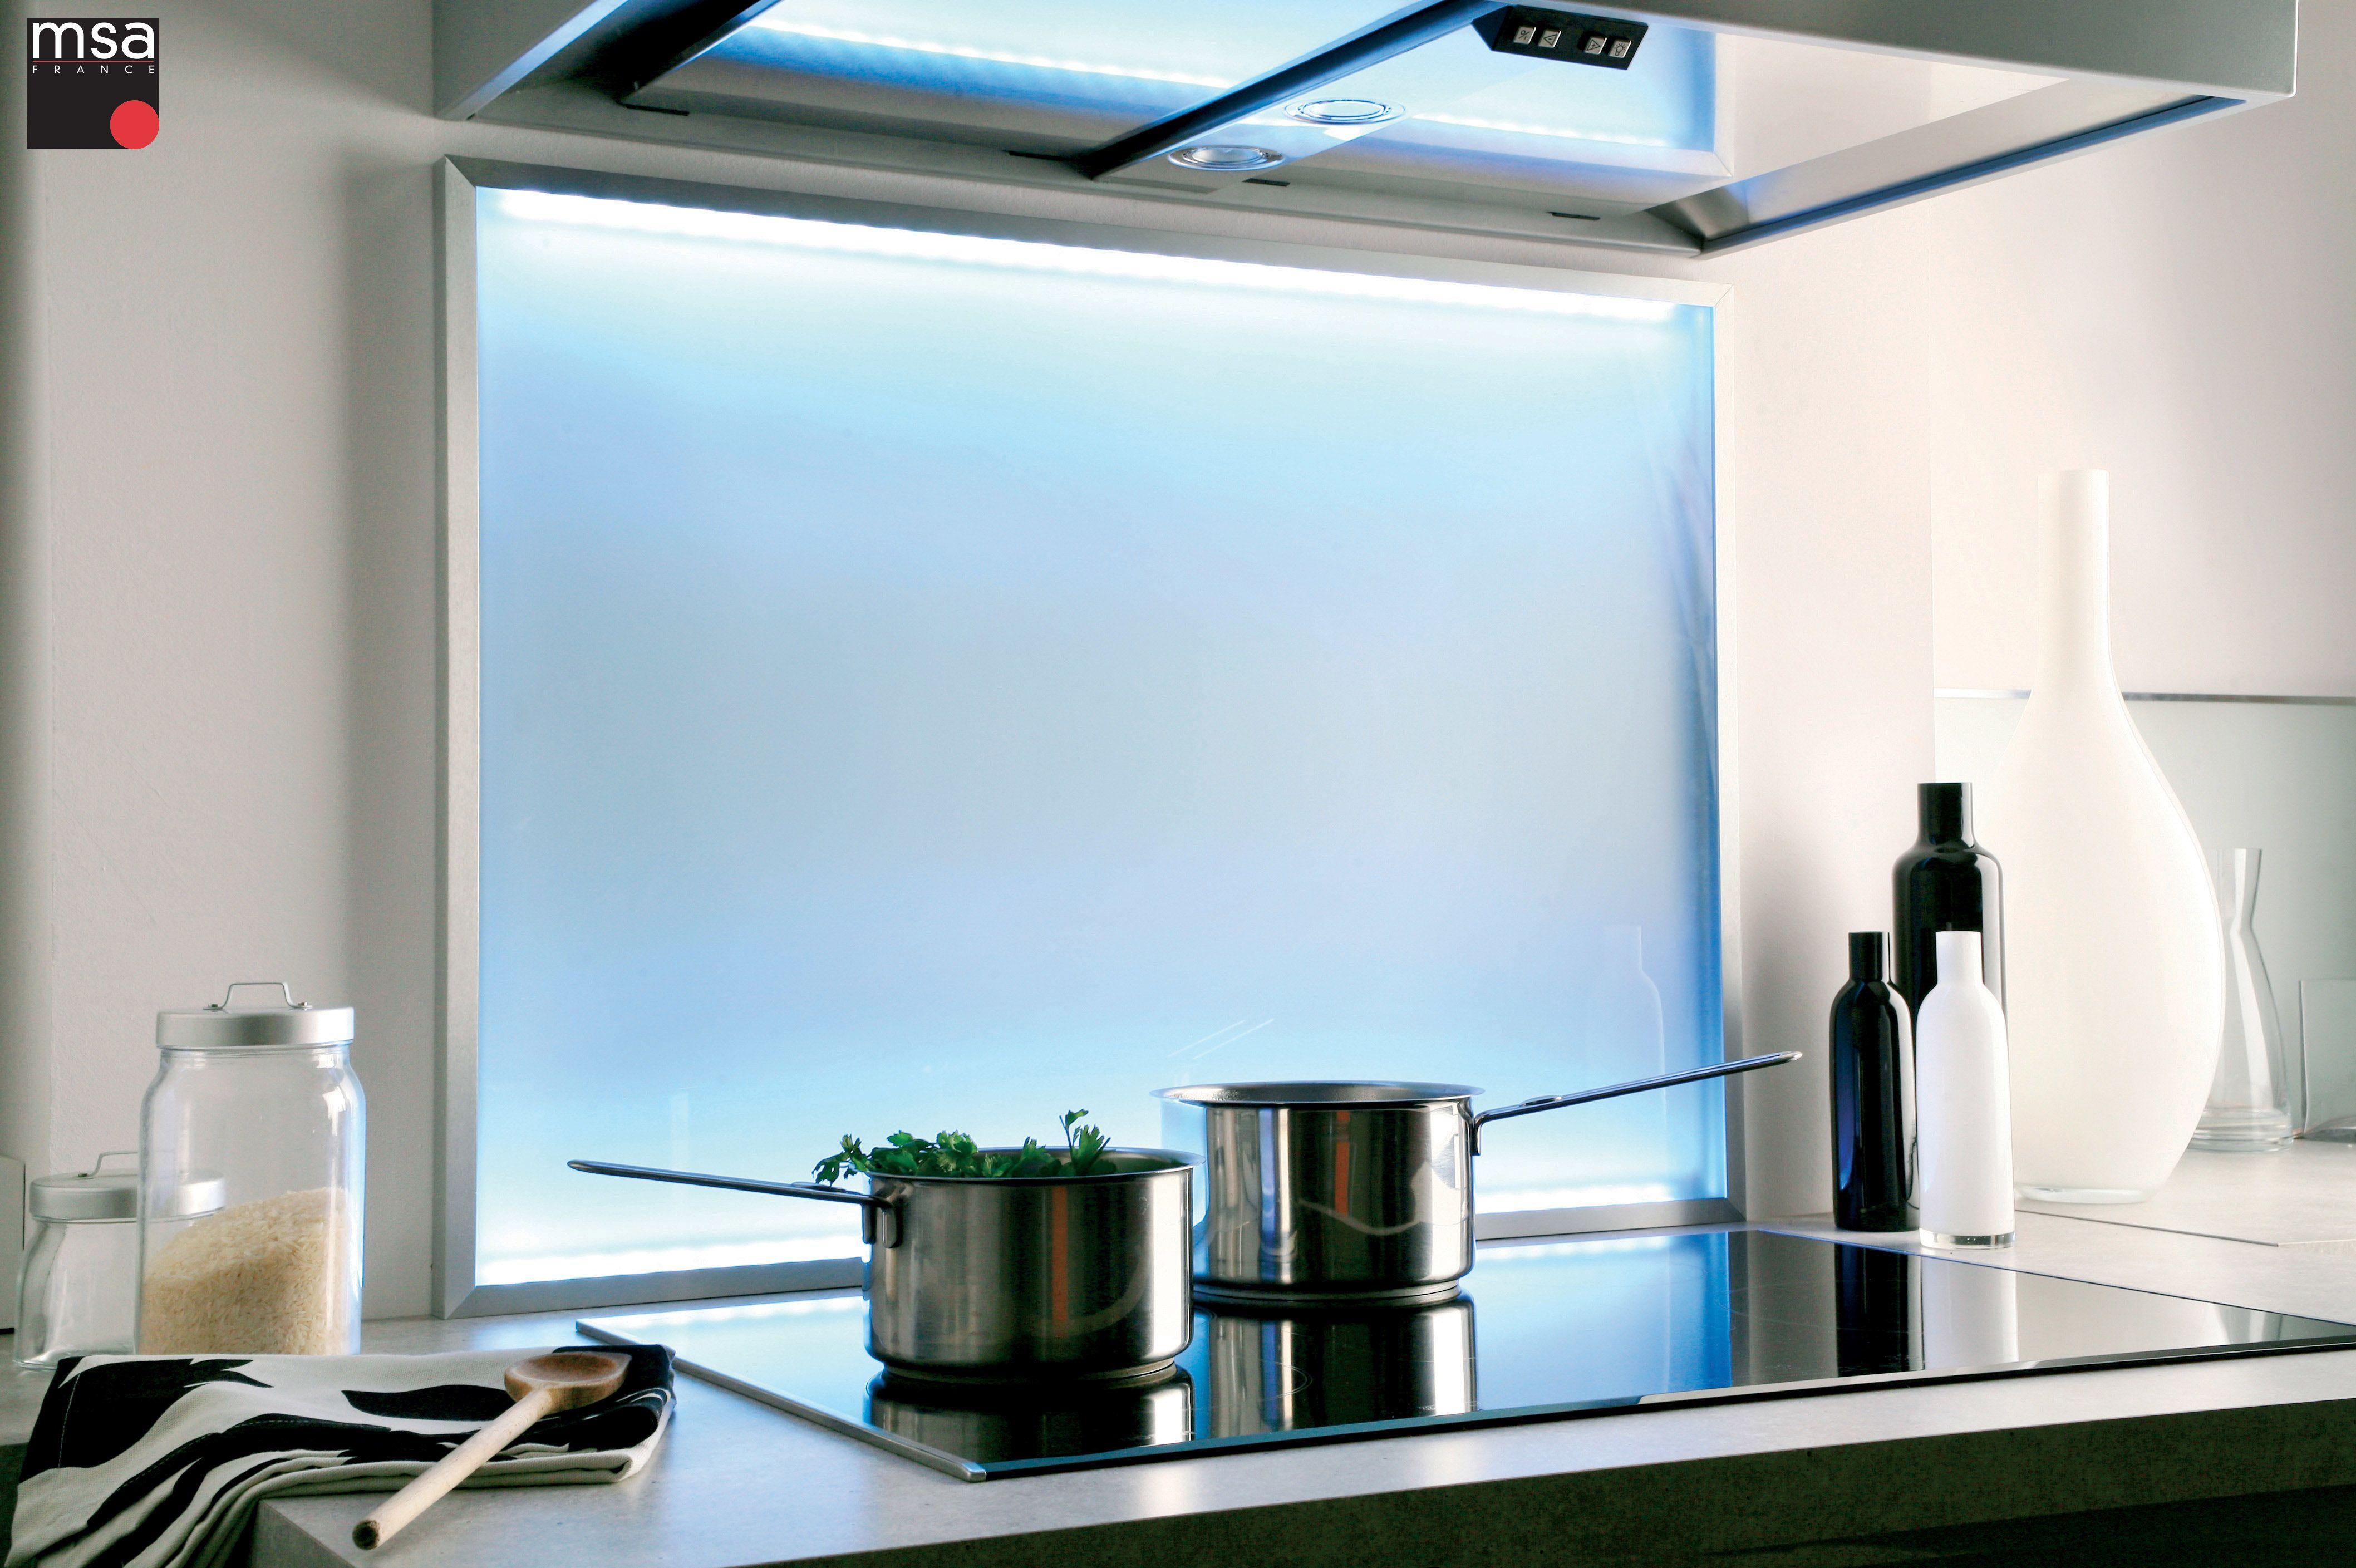 Credence Verre Ilot Central crédence en verre avec éclairage led intégré composée d'un